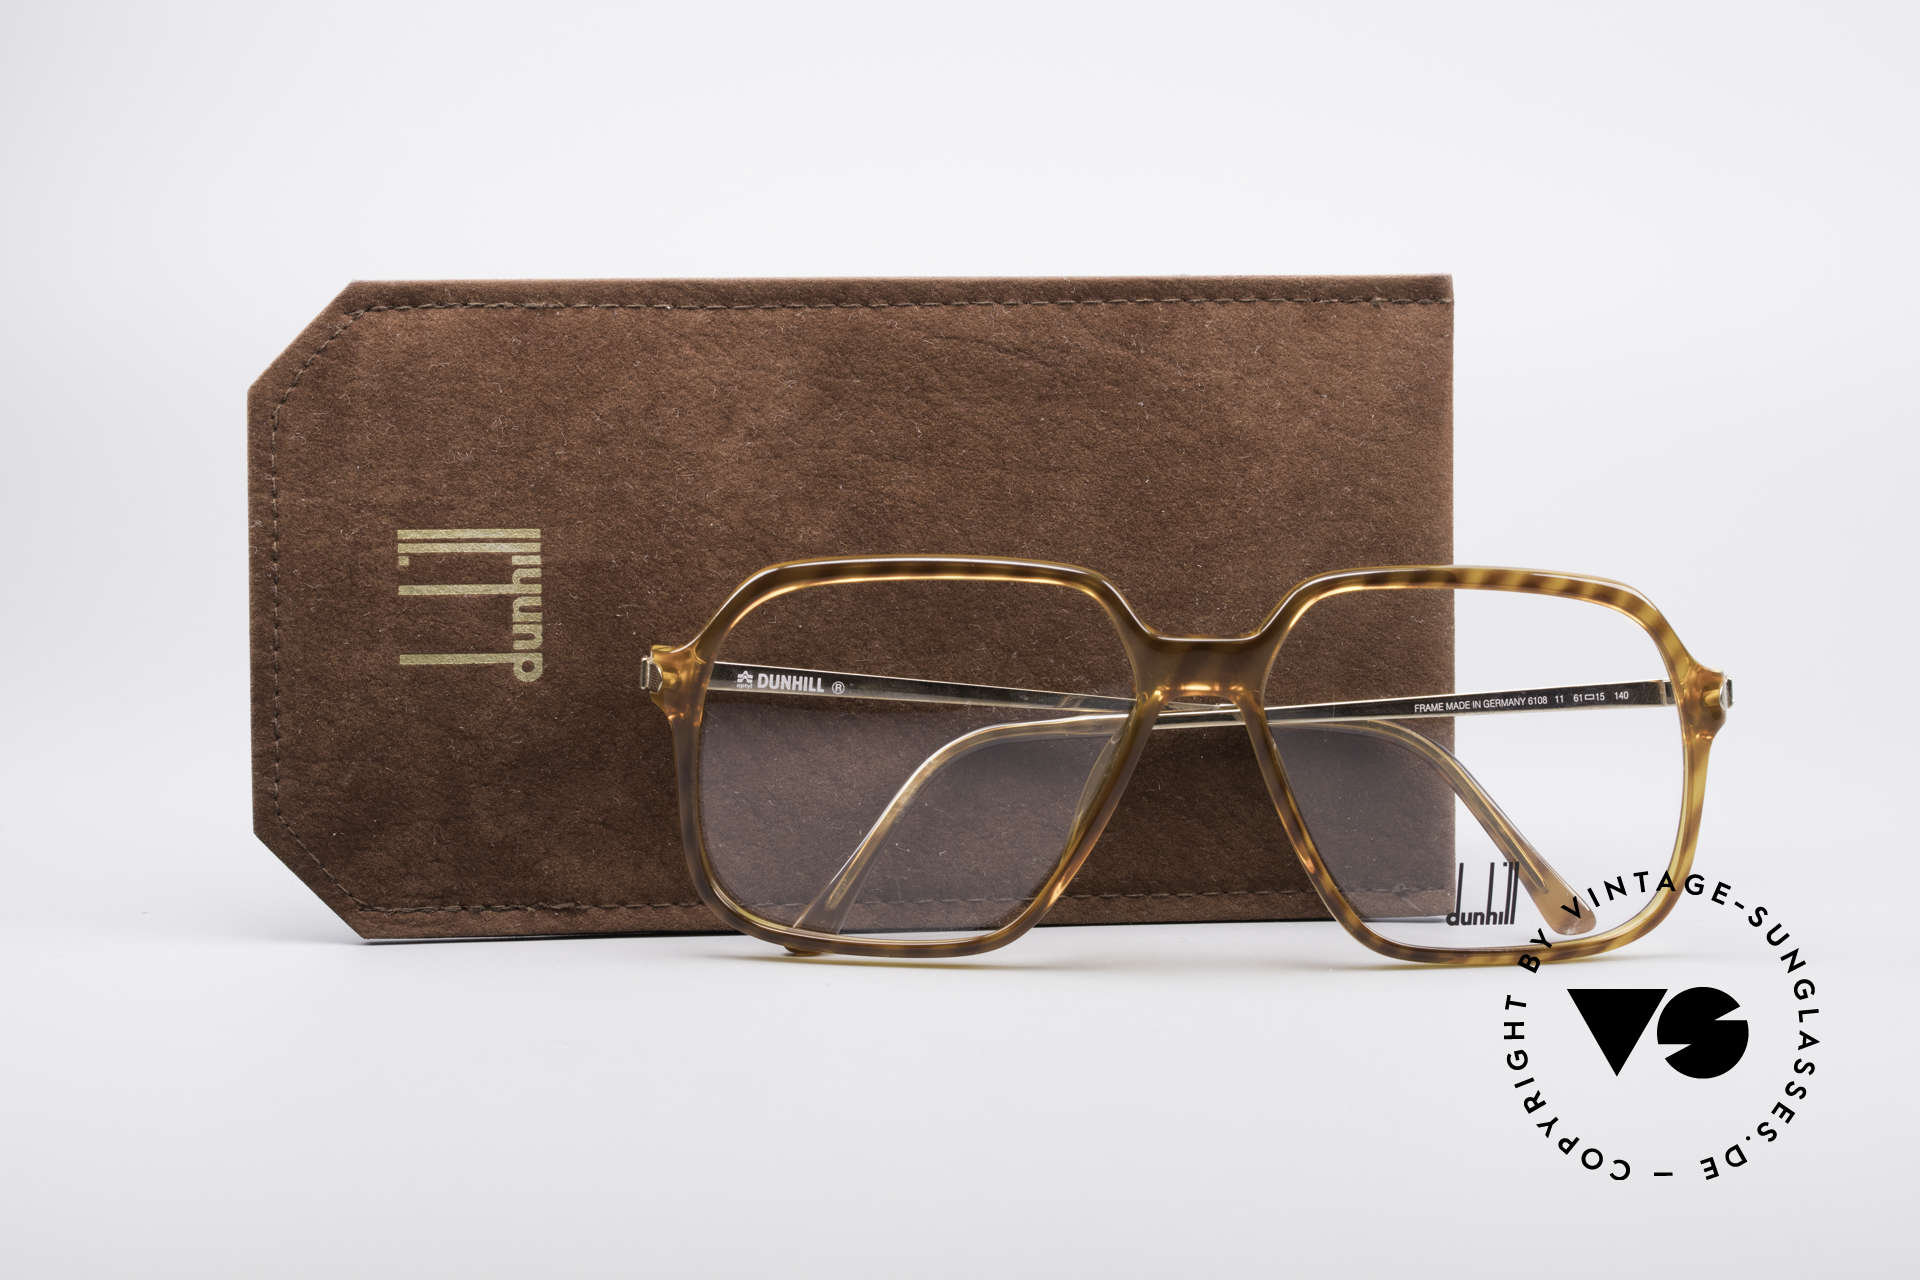 Dunhill 6108 Jay Z Hip Hop Vintage Brille, 6108: extrem ähnlich der vintage Dunhill 6089 Brille, Passend für Herren